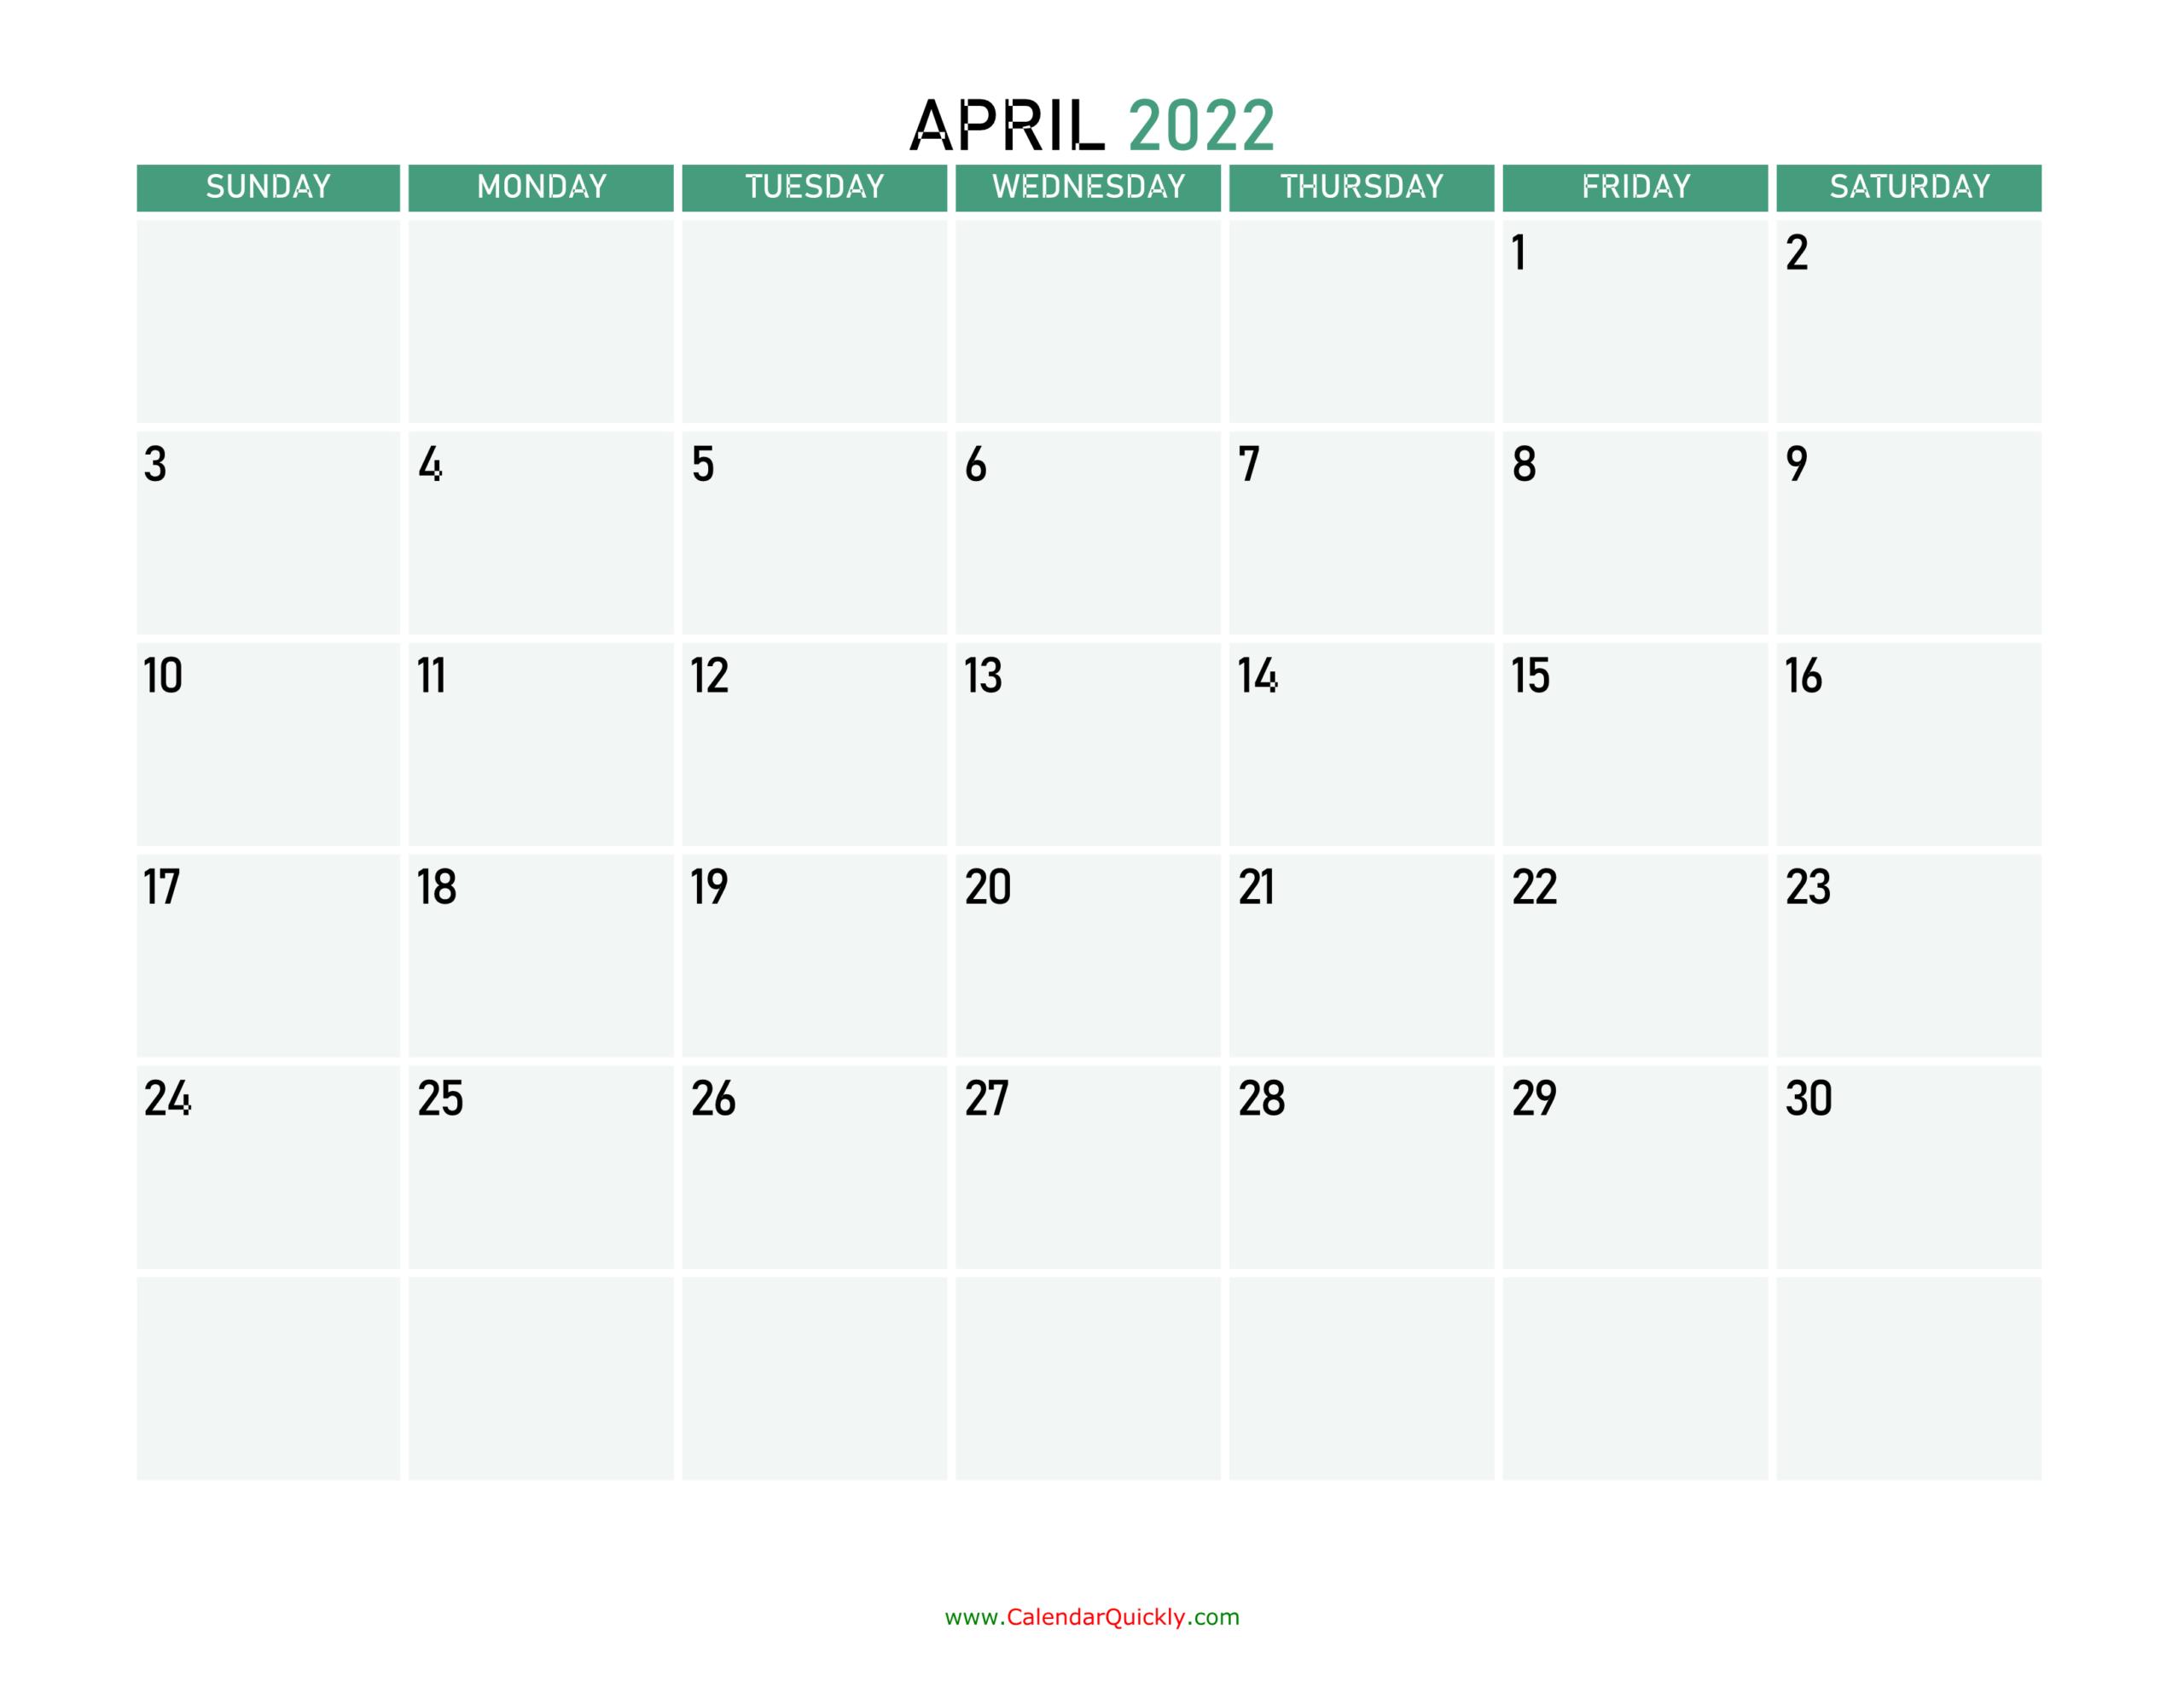 April 2022 Calendars